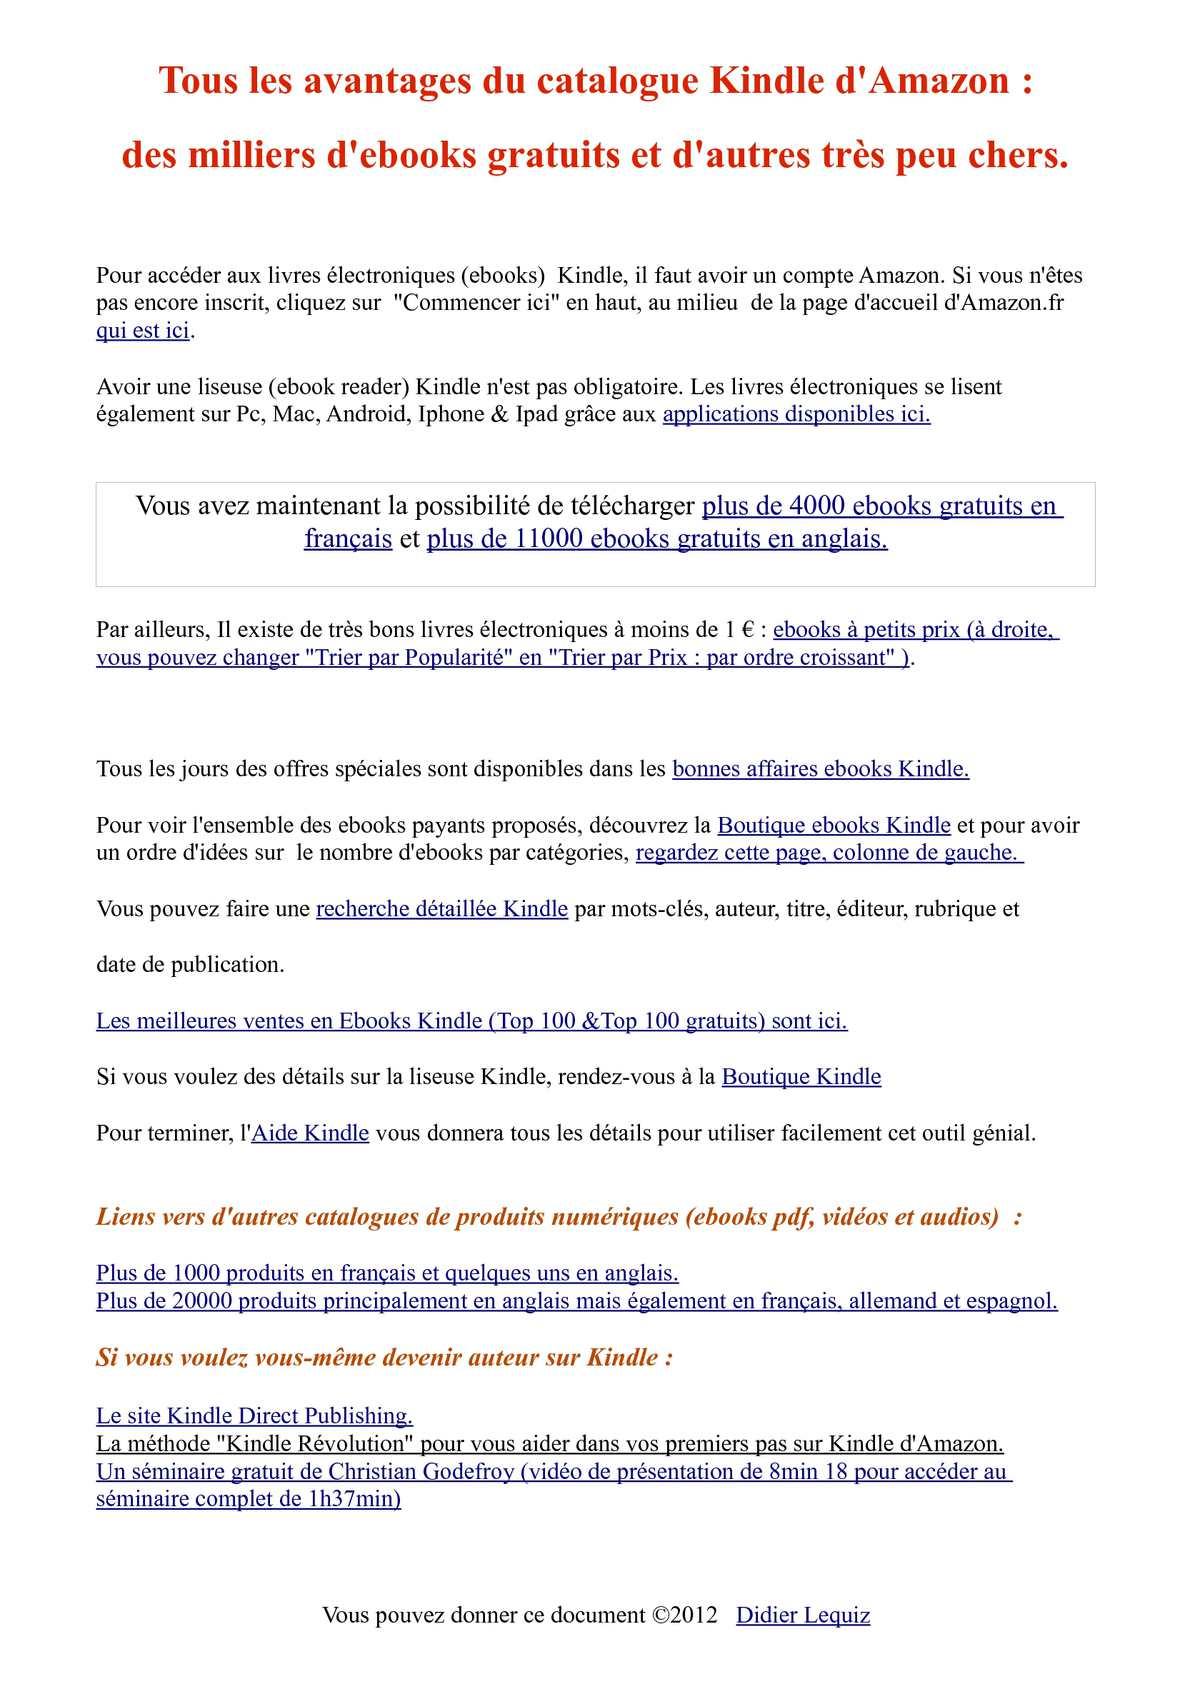 Calameo Kindle Amazon Plus De 4000 Ebooks Gratuits En